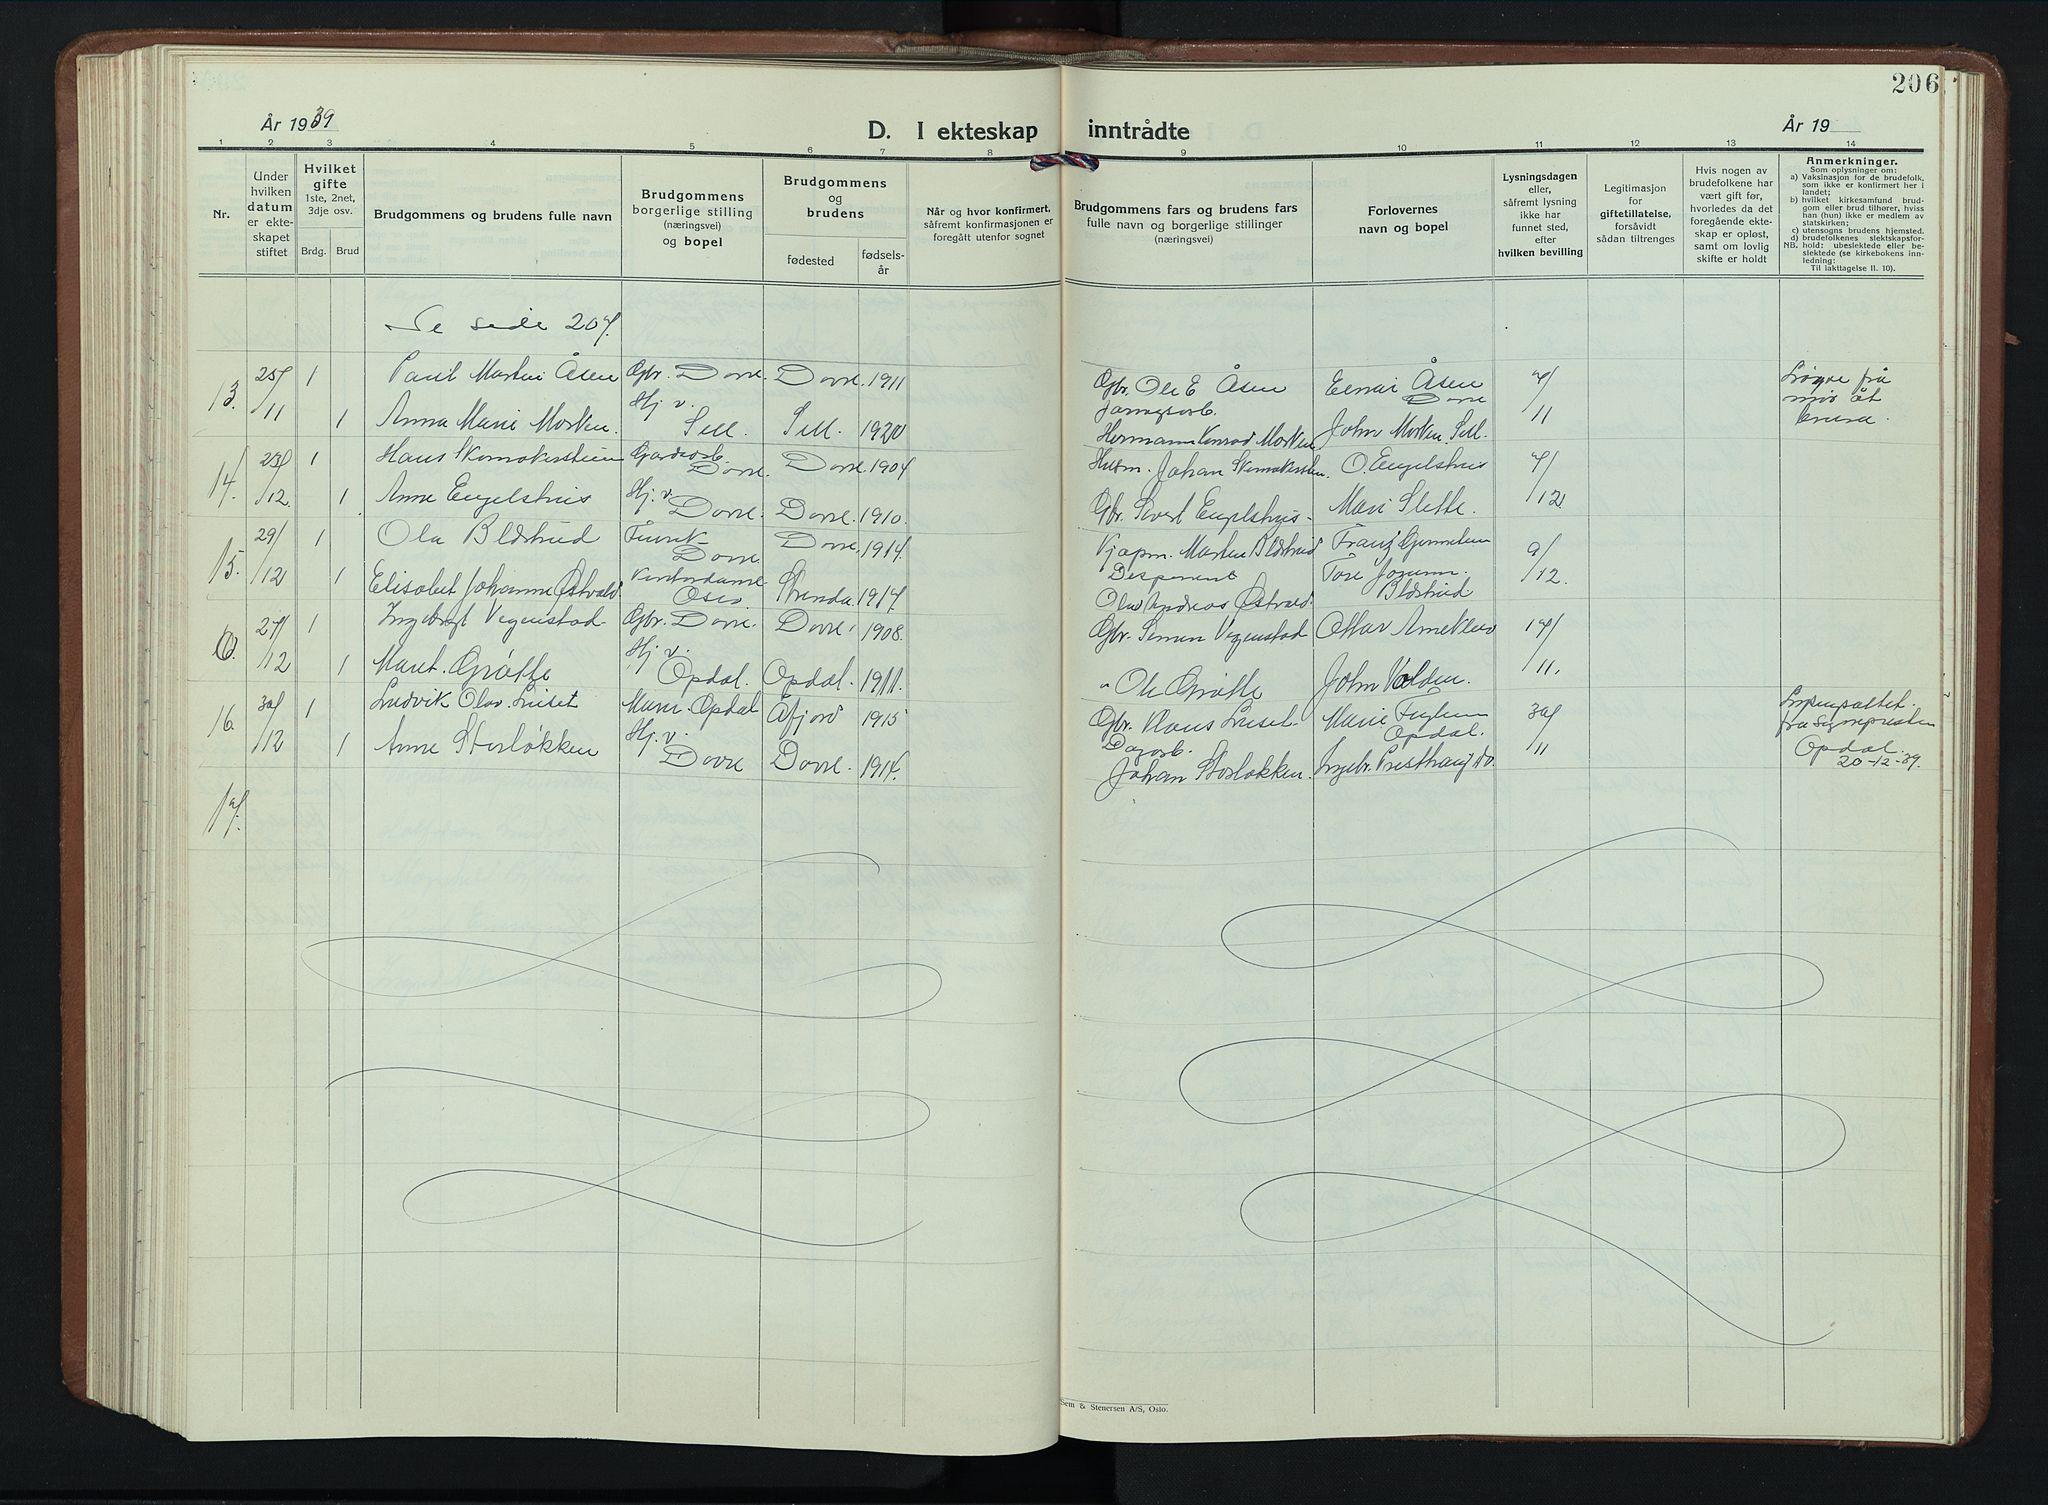 SAH, Dovre prestekontor, Klokkerbok nr. 4, 1926-1949, s. 206